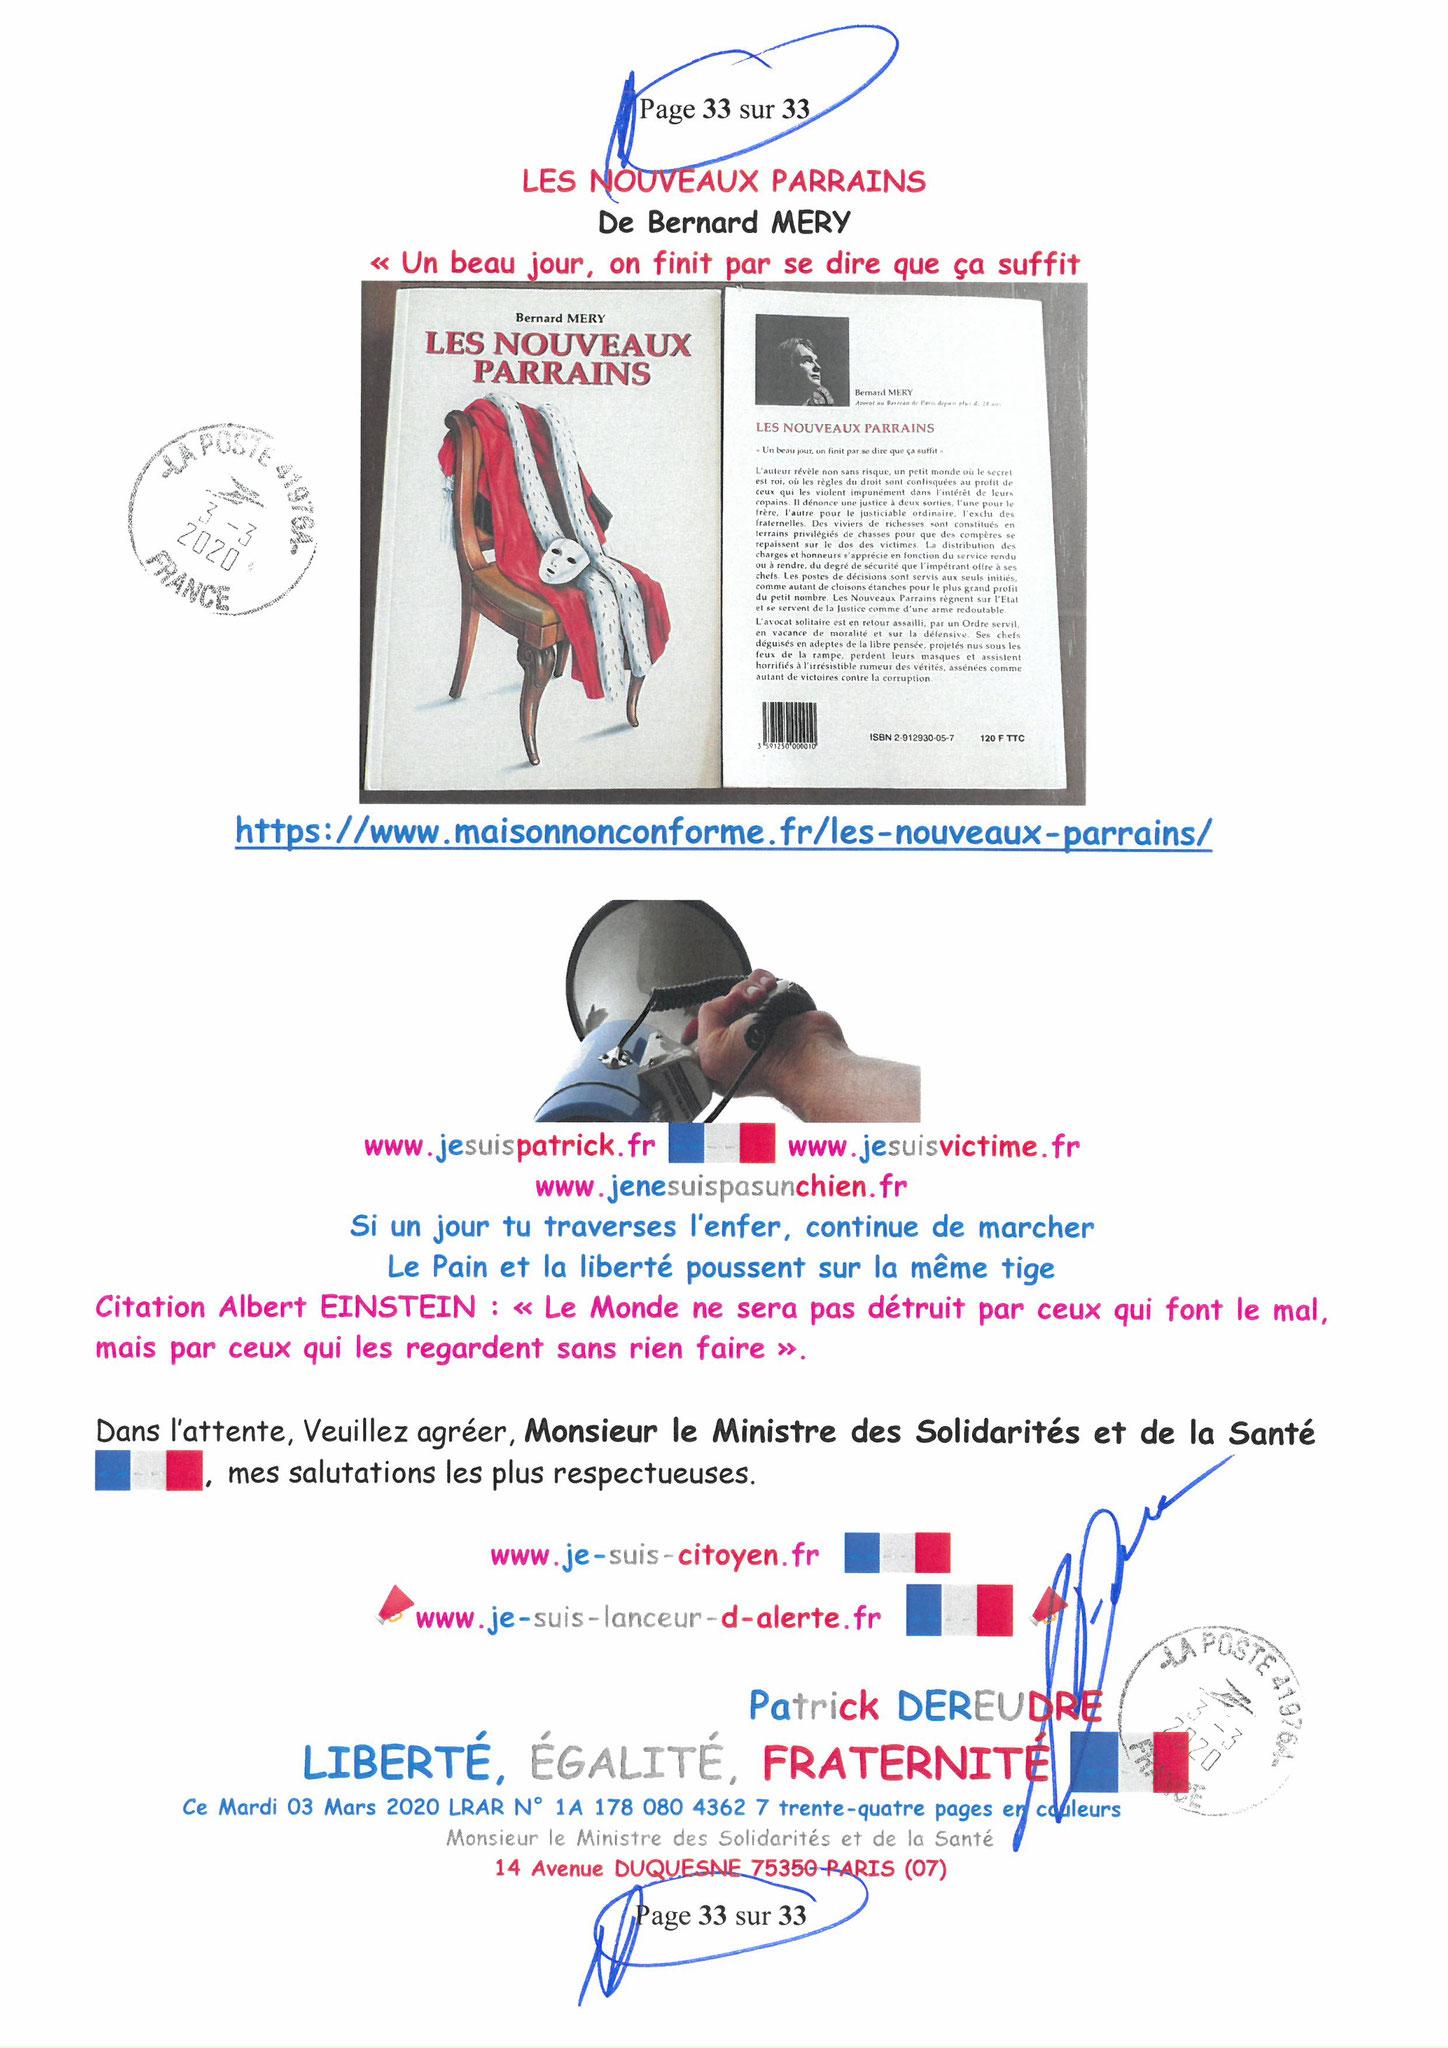 Page 33 sur 33 Ma lettre recommandée N0 1A 178 080 4362 7 du 03 Mars 2020 à Monsieur Olivier VERAN le Ministre de la Santé et des Solidarités www.jesuispatrick.fr